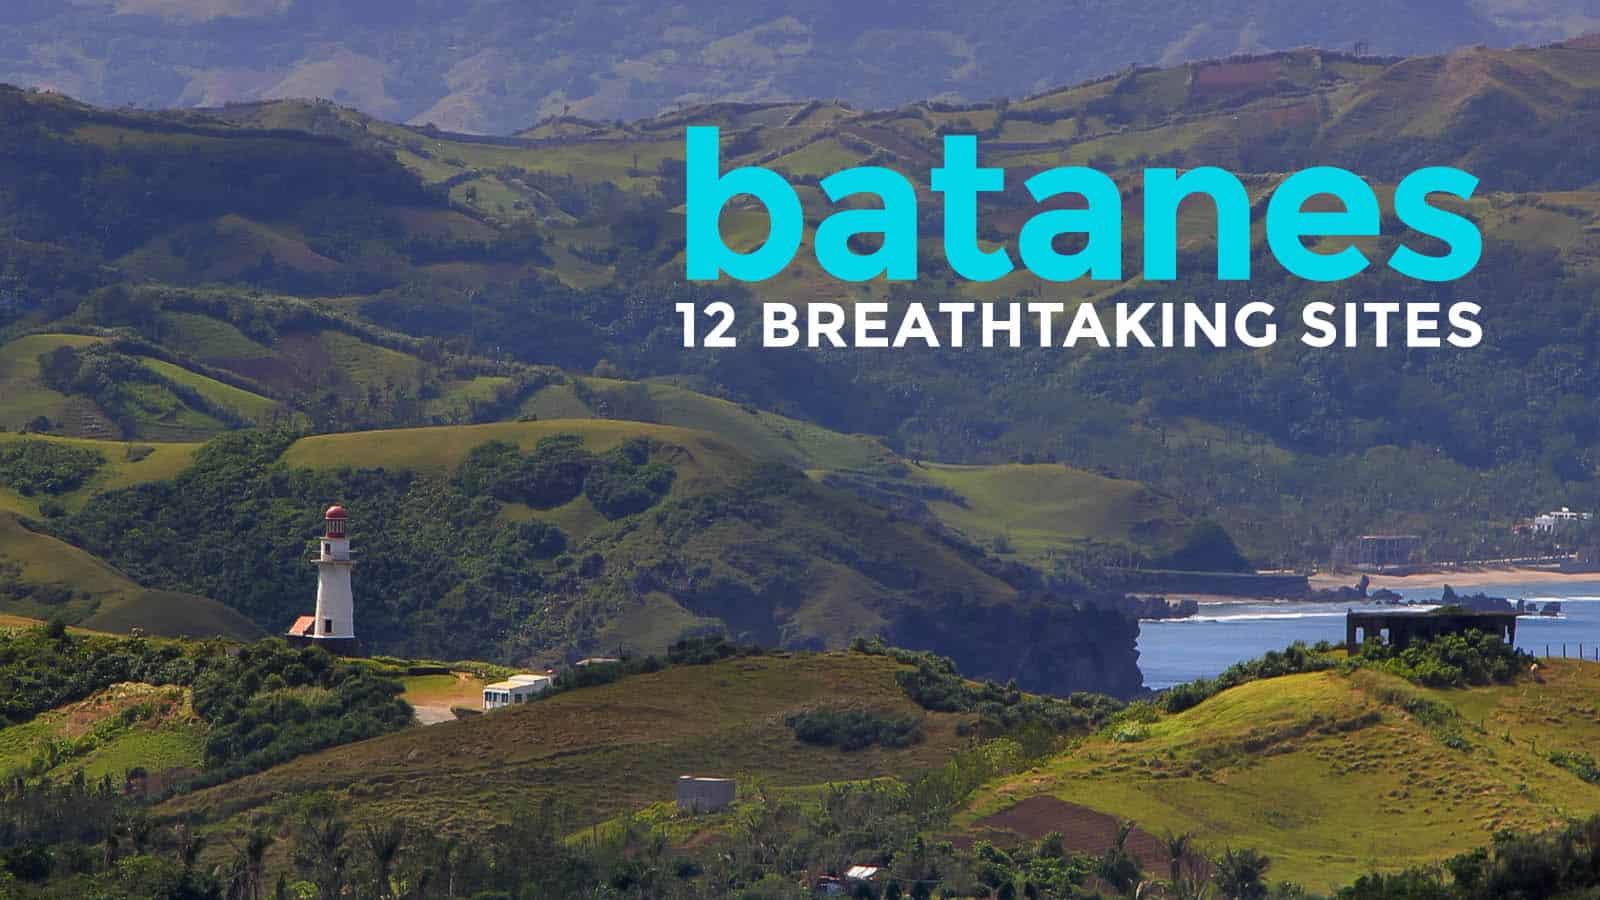 菲律宾巴塔尼斯的12个令人心旷神怡的景点 | 穷游者的行程博客